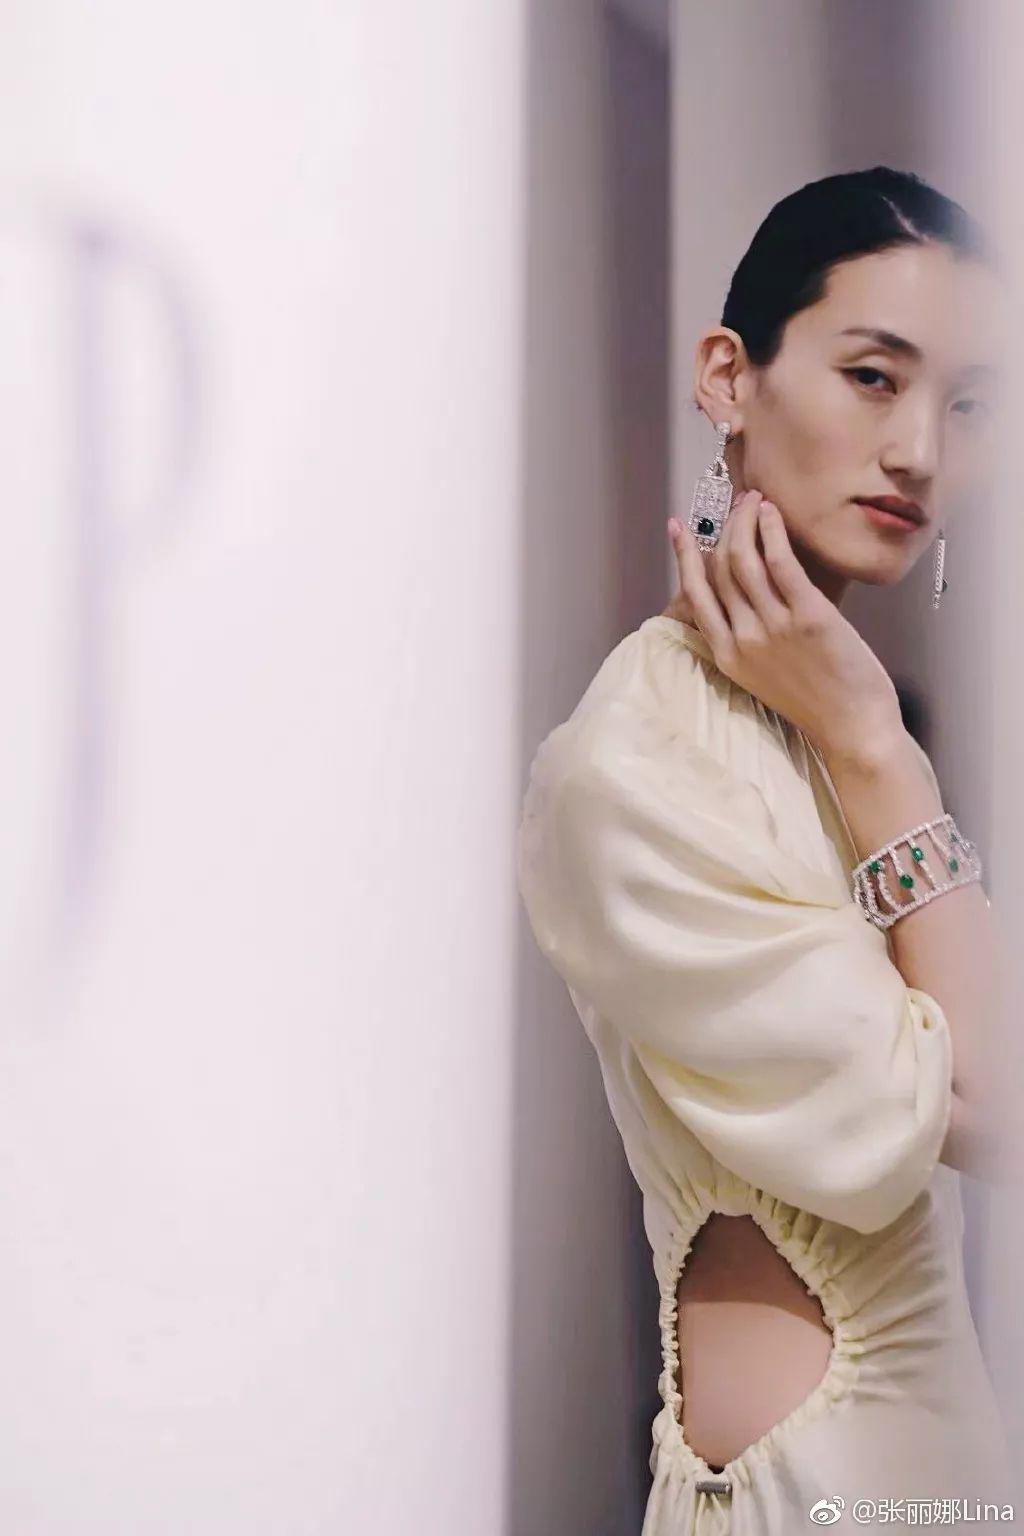 第二眼美女?超模张丽娜逆袭爆红国际时尚界:女人有多狠,人生就有多赚?